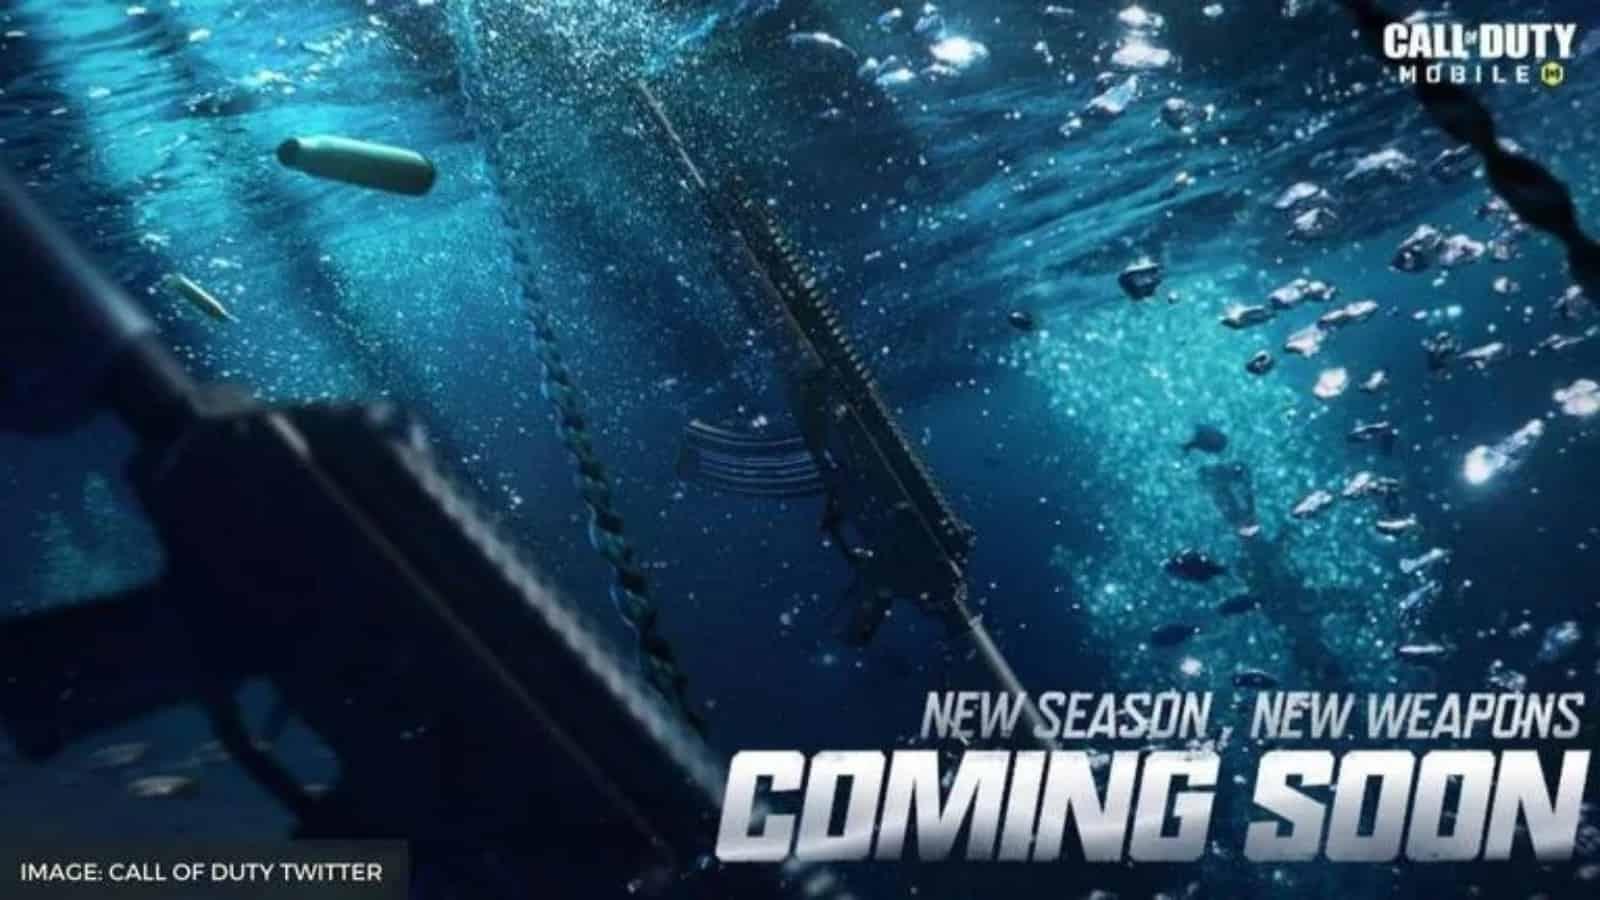 Fecha de lanzamiento de la temporada 5 de COD Mobile: Detalles de aguas profundas